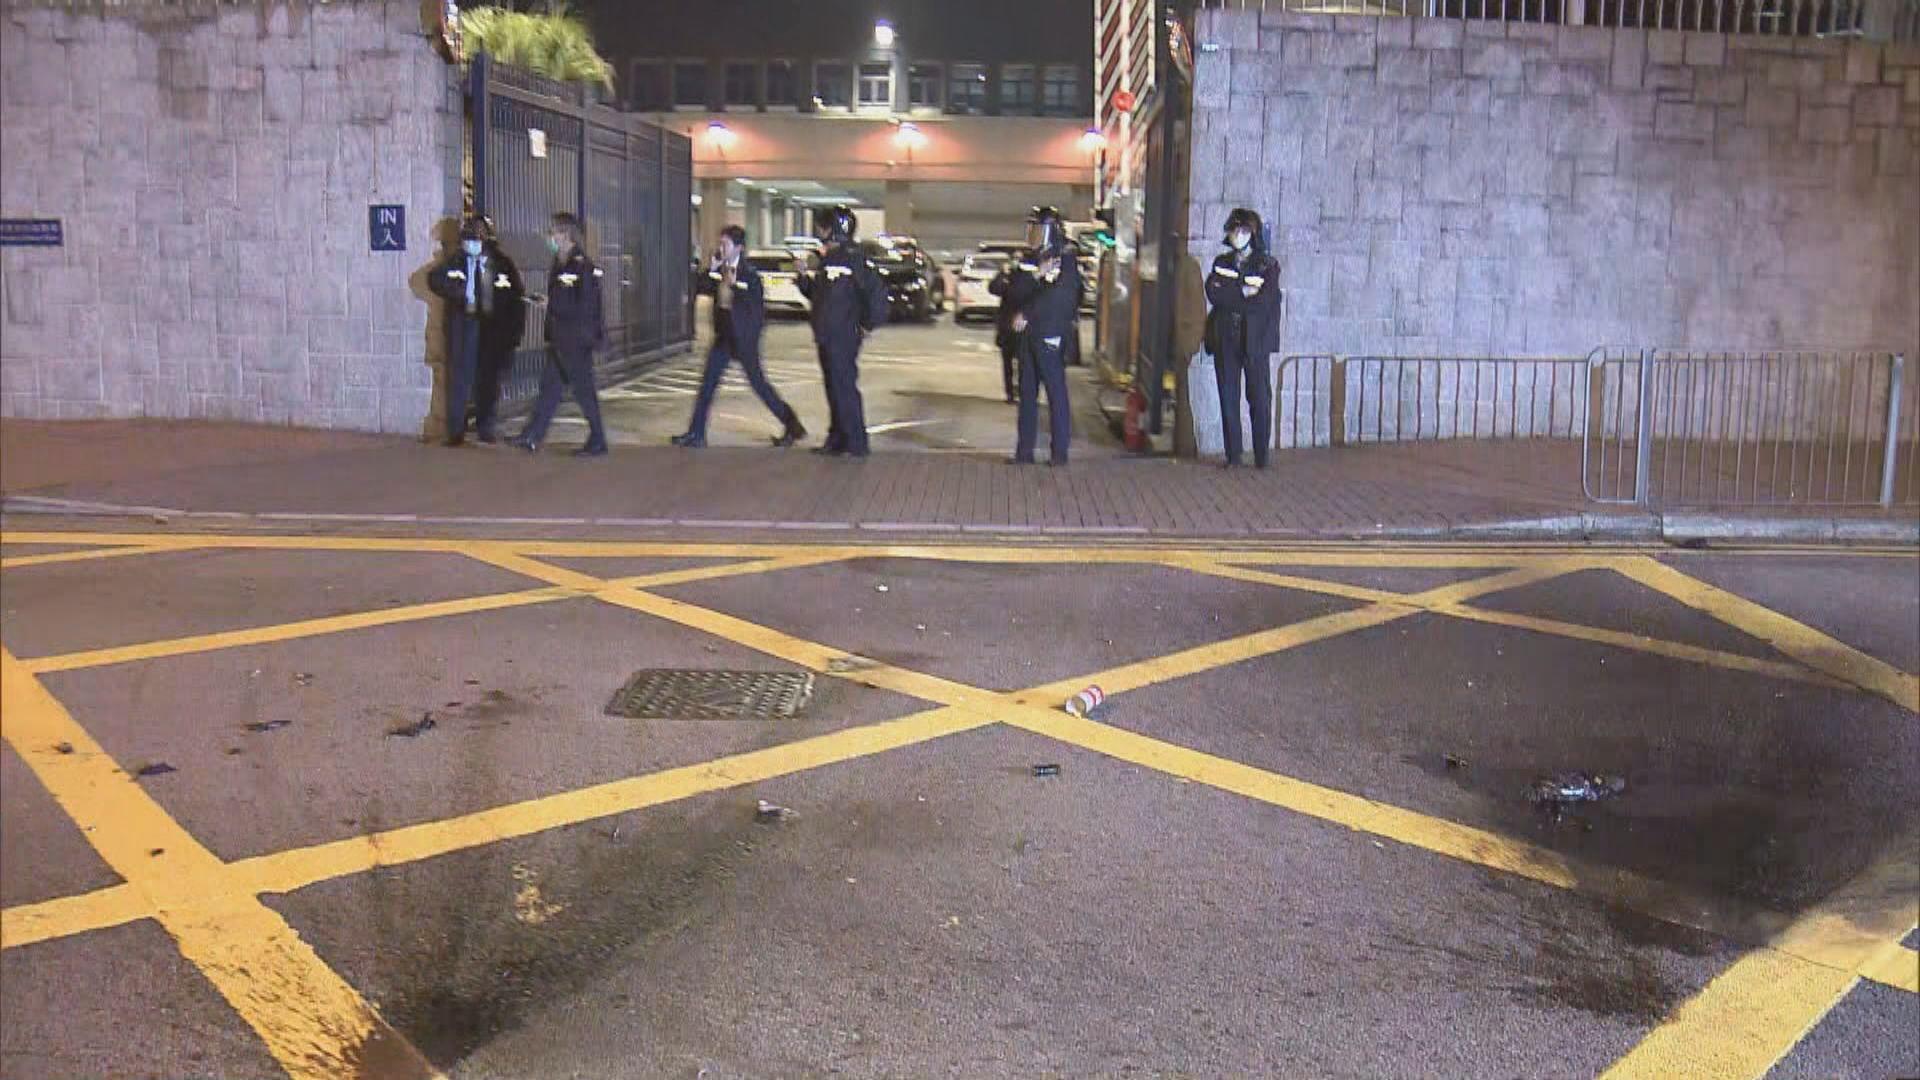 葵涌警署被投擲汽油彈